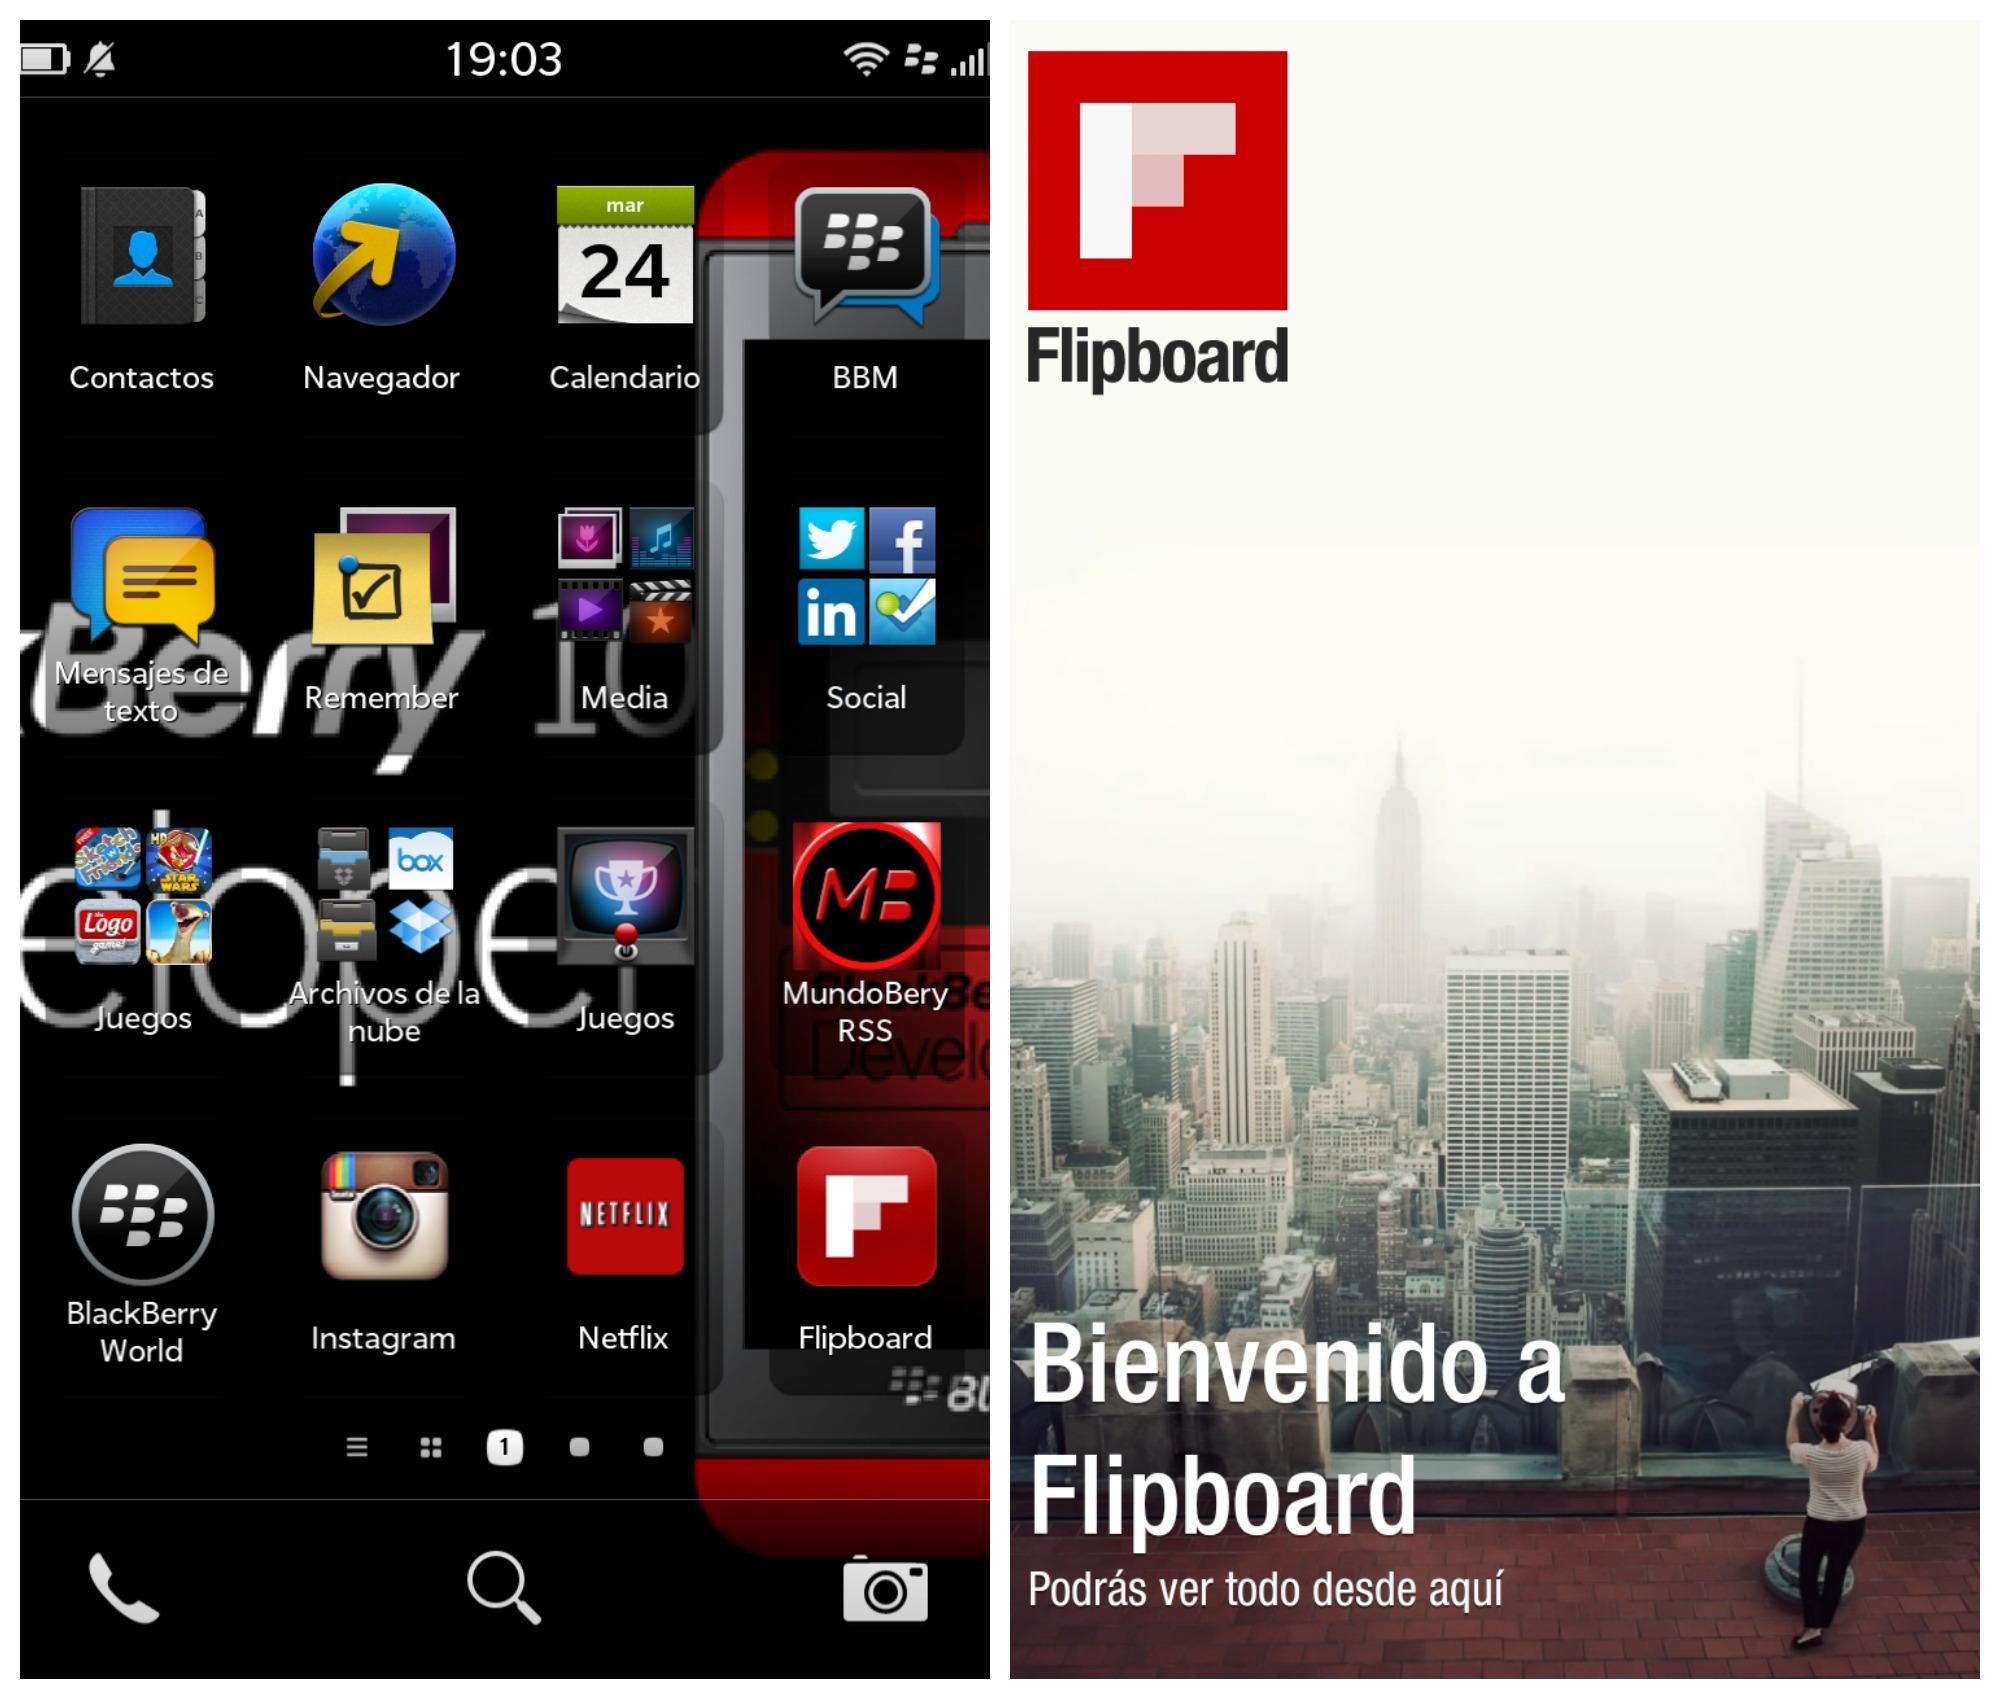 blackberry flipboard